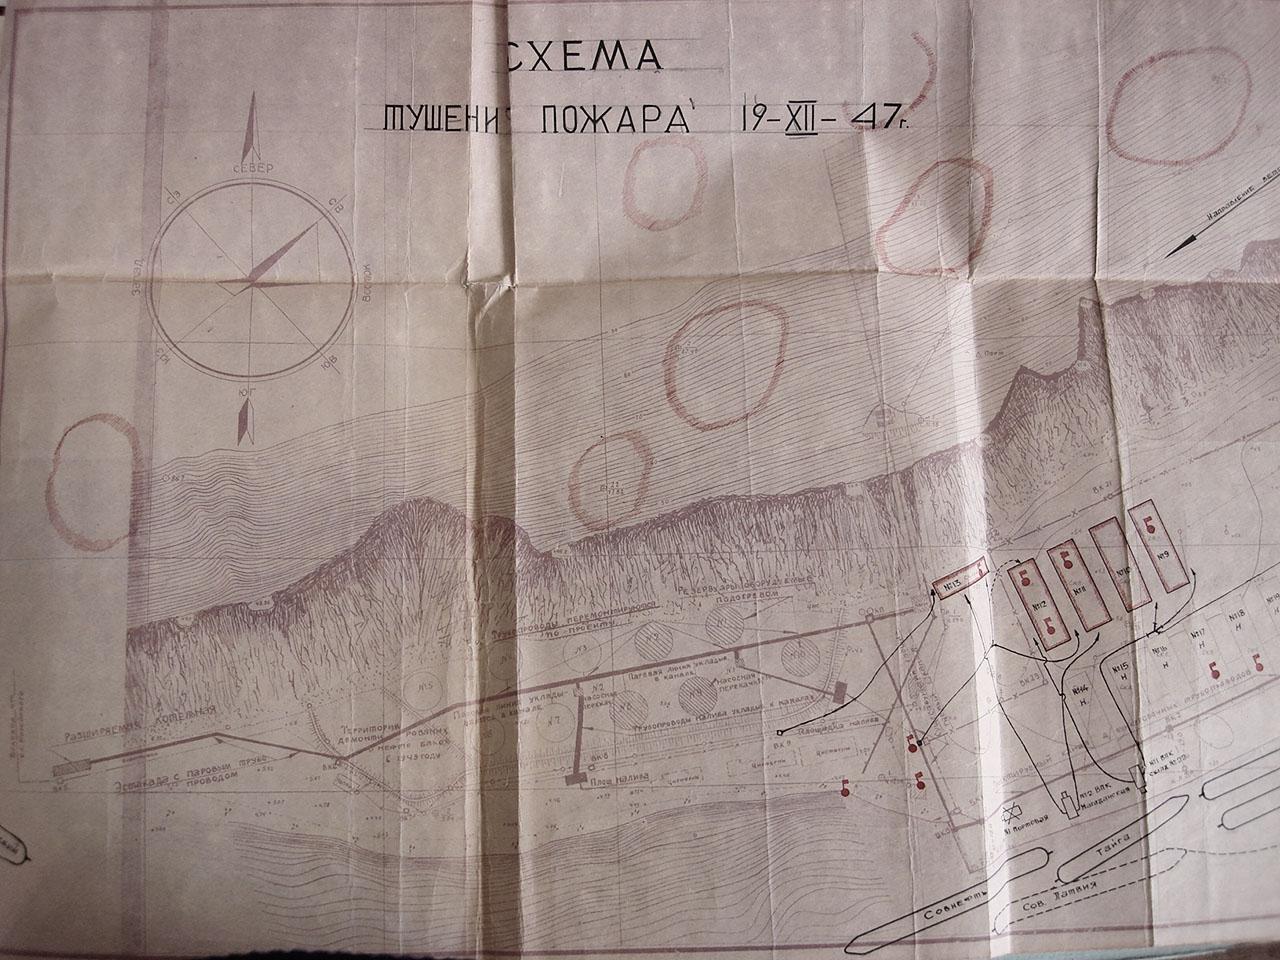 Схема тушения пожаров 19 декабря 1947 года в бухте Нагаева.